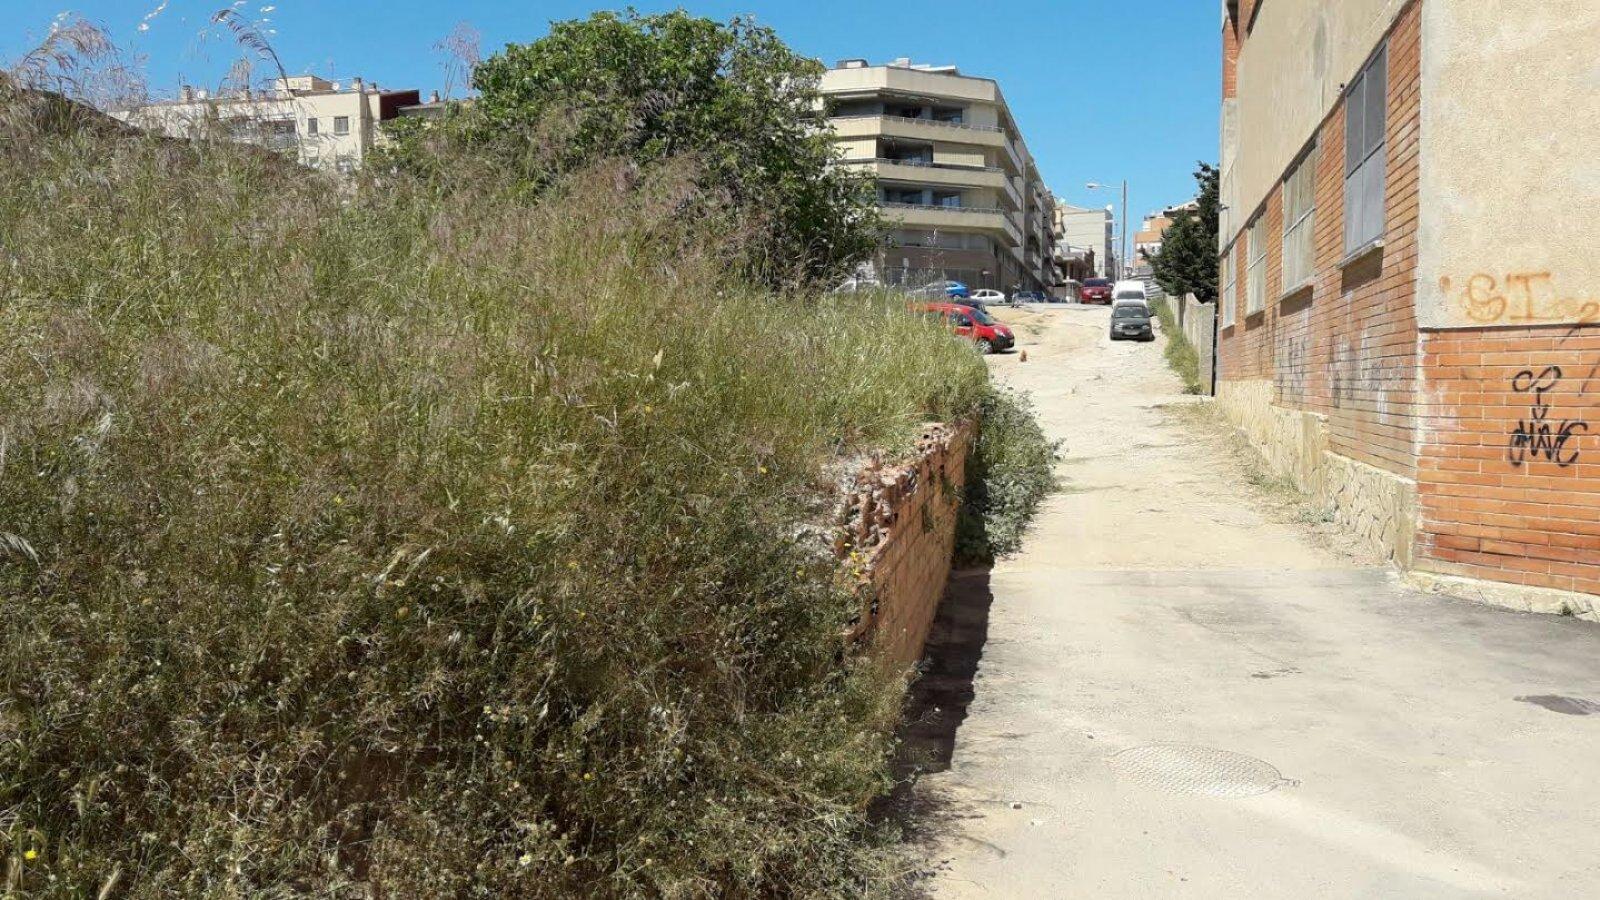 Matolls i pols, en un dels carrers sense urbanitzar